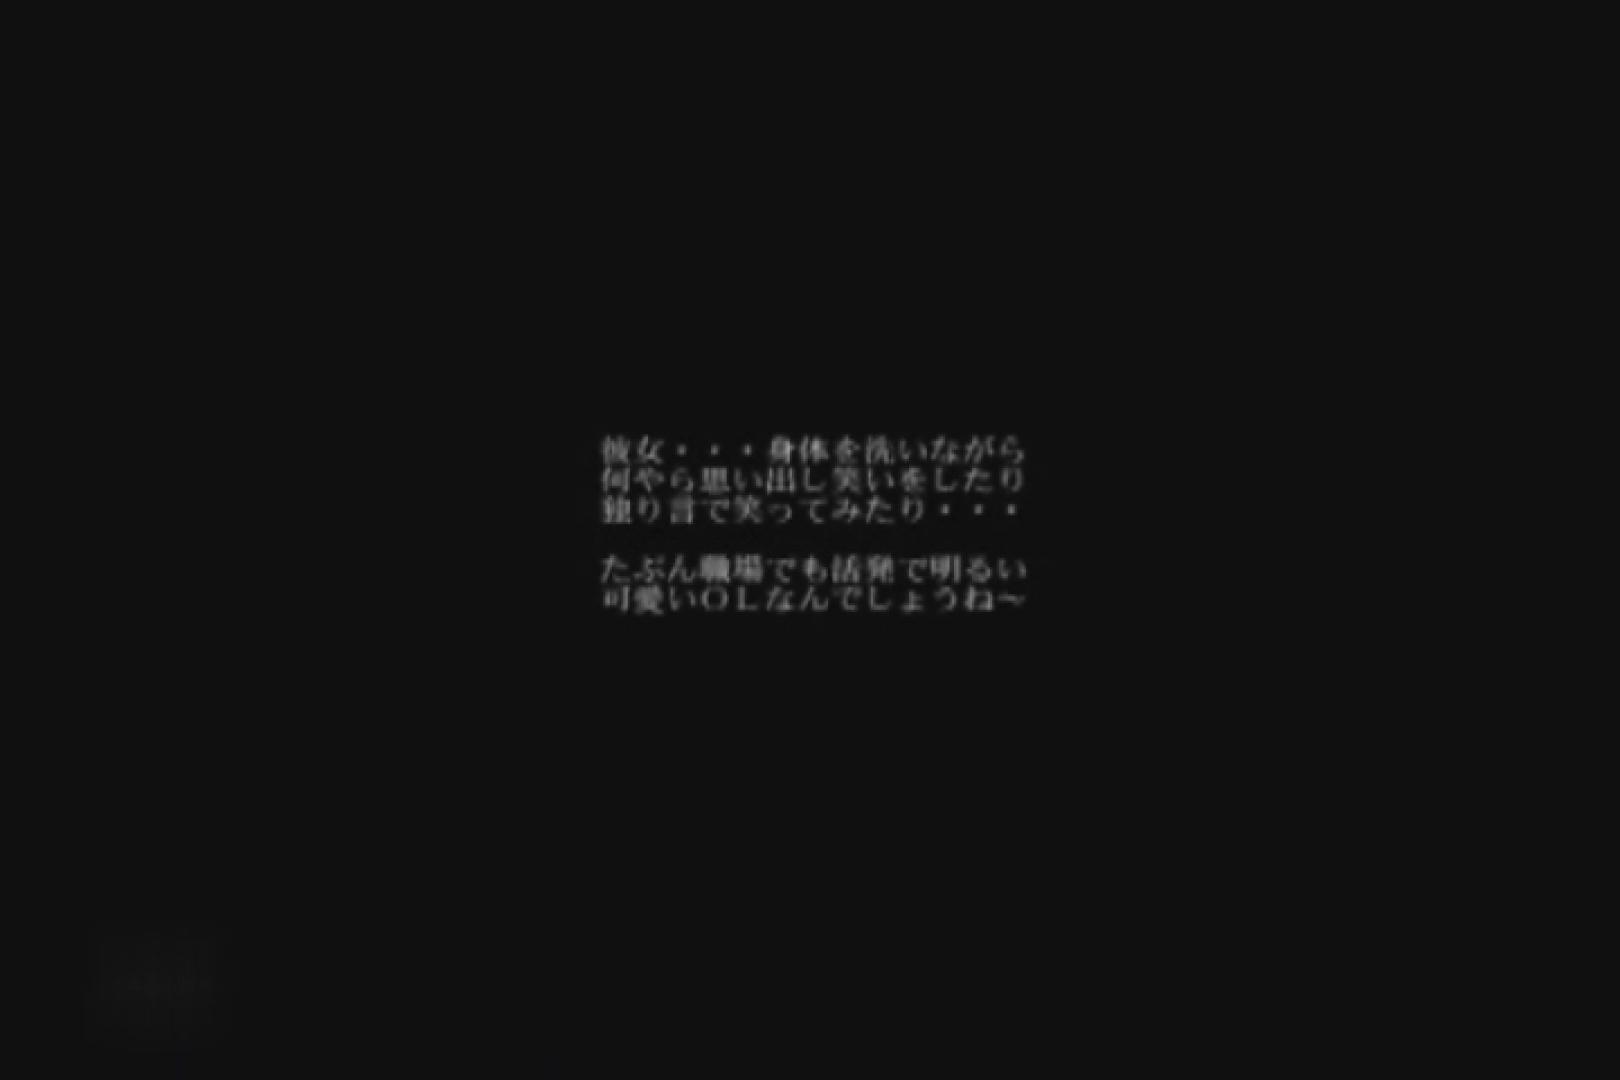 愛する彼女の風呂ストーカー盗撮 vol.001 盗撮シリーズ  94PIX 94